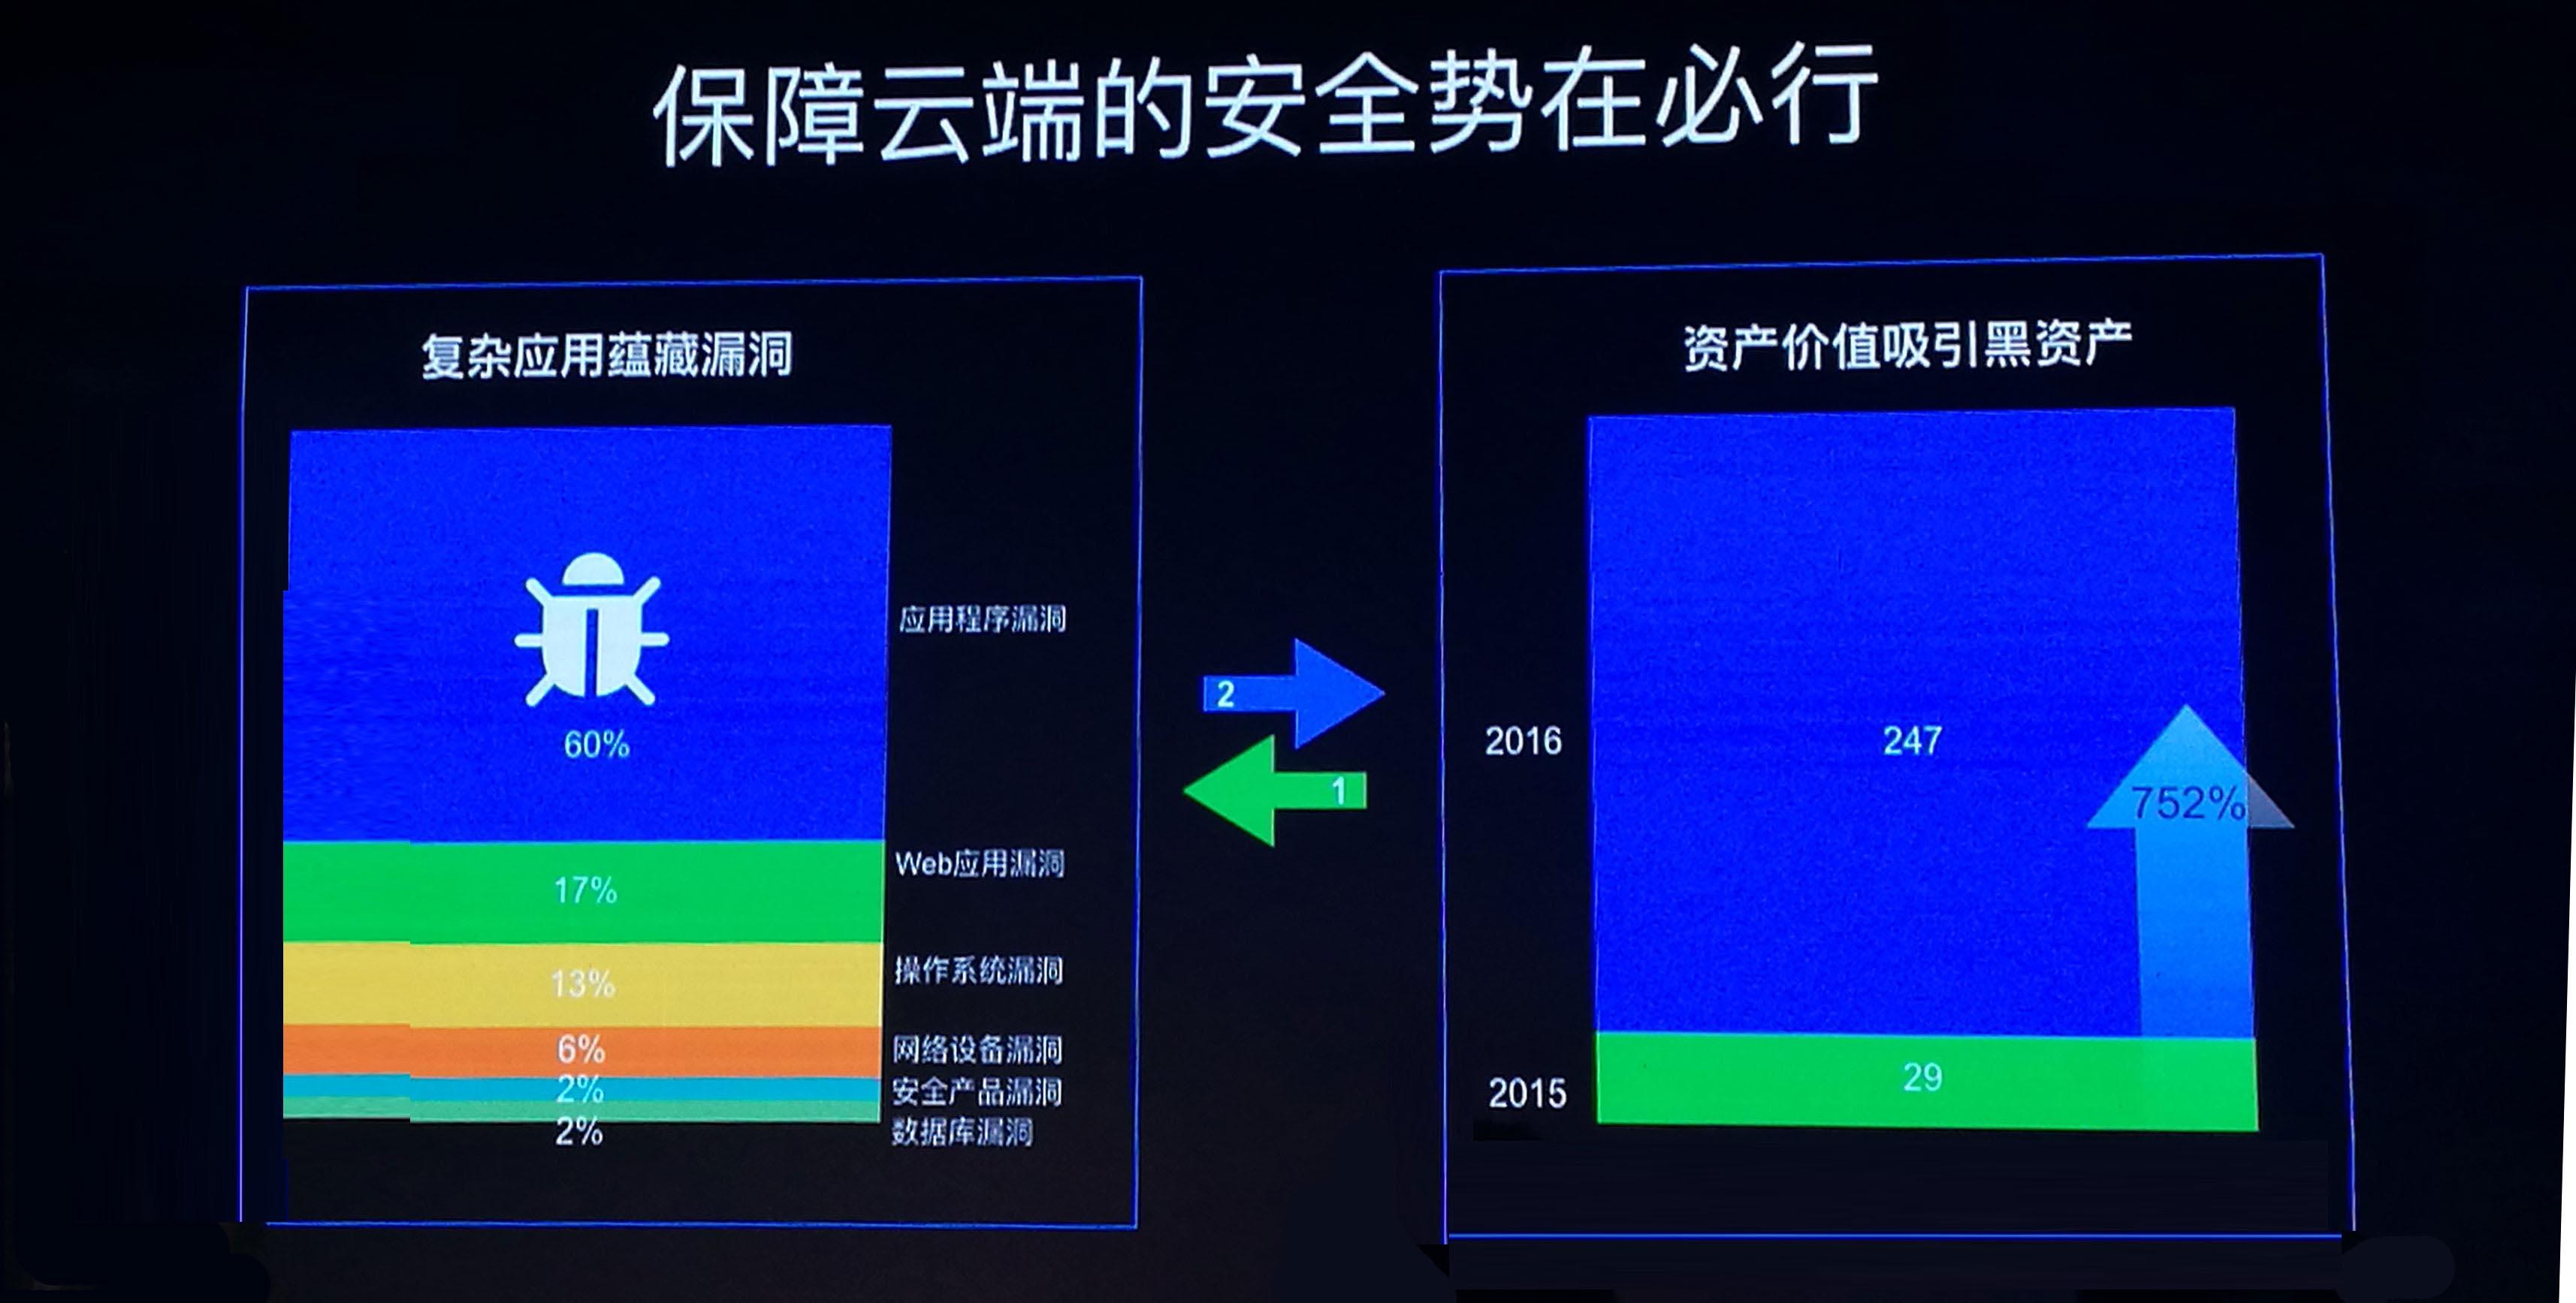 IDC指出:安全将成为公有云产品的核心竞争力